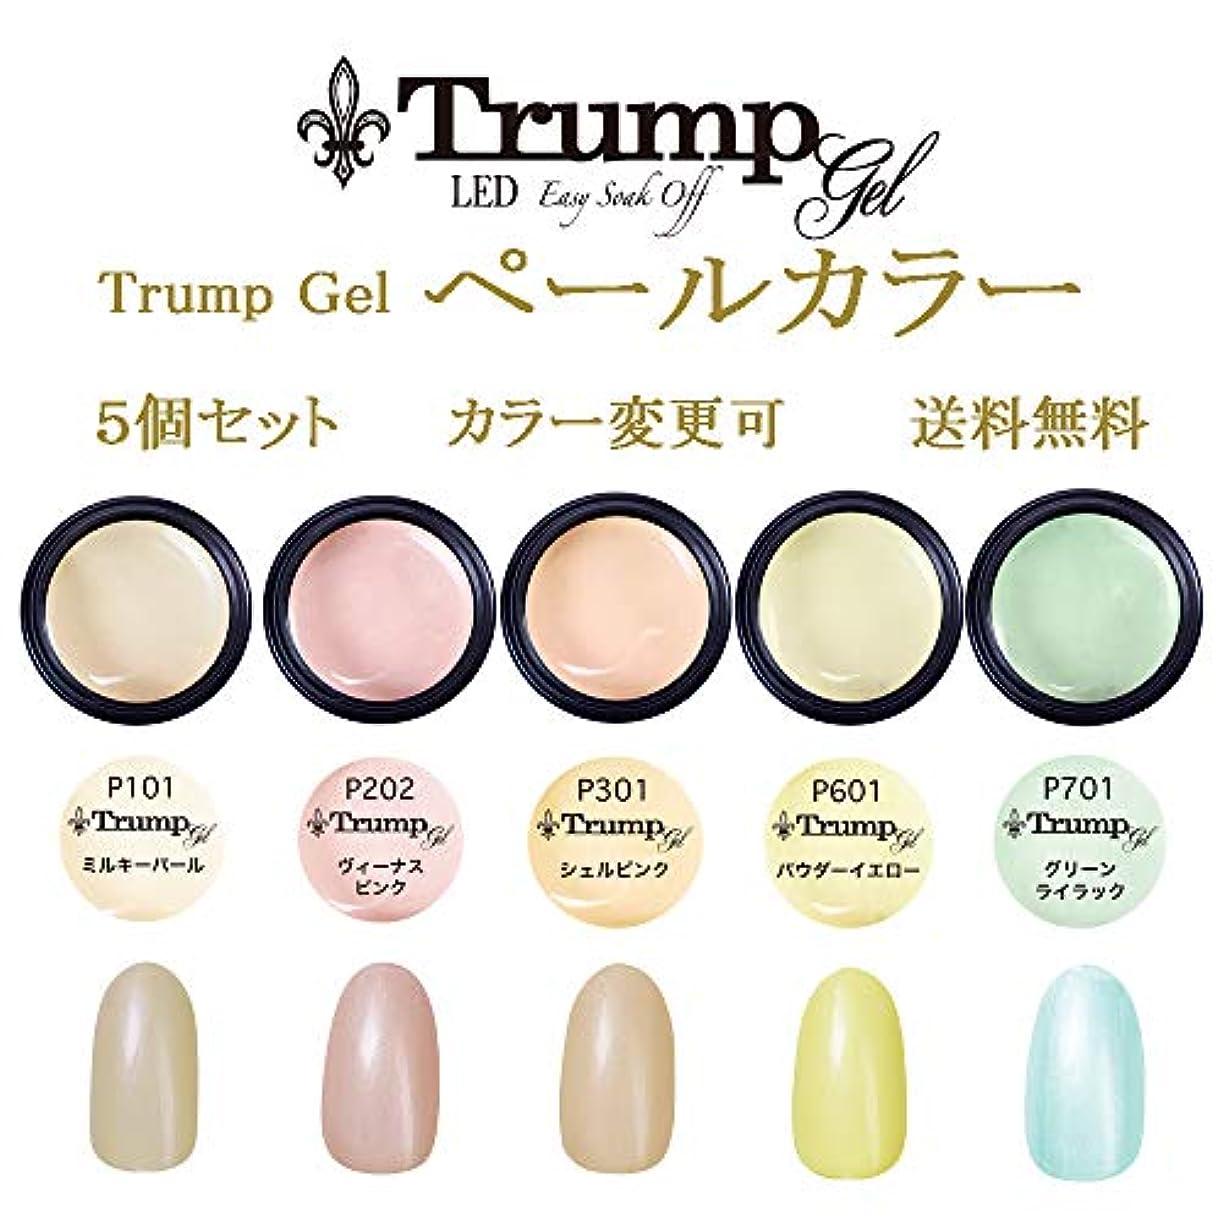 オープニングスペア満たす日本製 Trump gel トランプジェル ペールカラー 選べる カラージェル 5個セット パール イエロー ベージュ ピンク ブルー